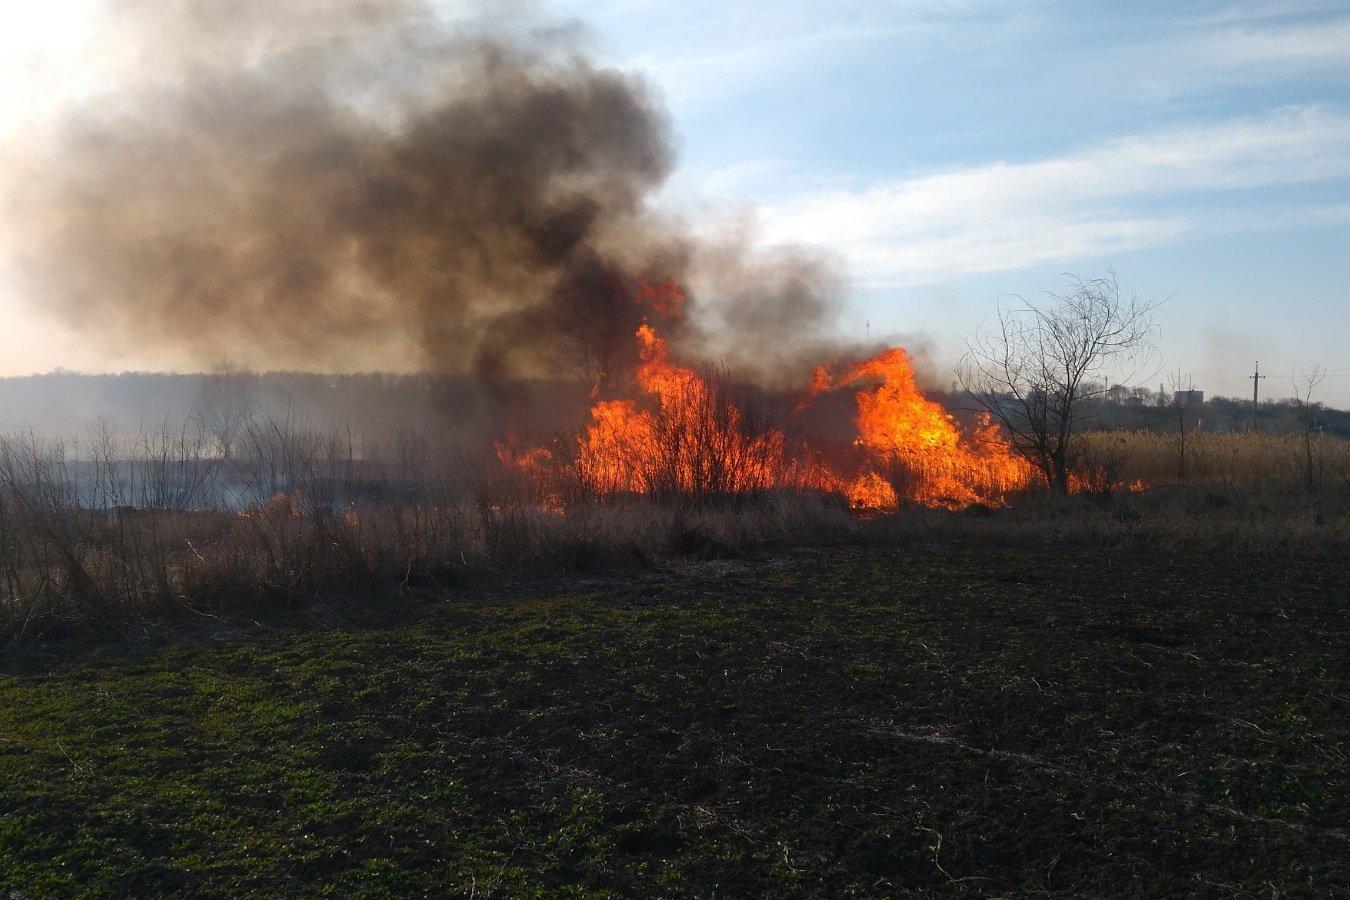 На Харьковщине люди подожгли 90 гектаров полей за сутки. Есть пострадавшие (фото, видео)